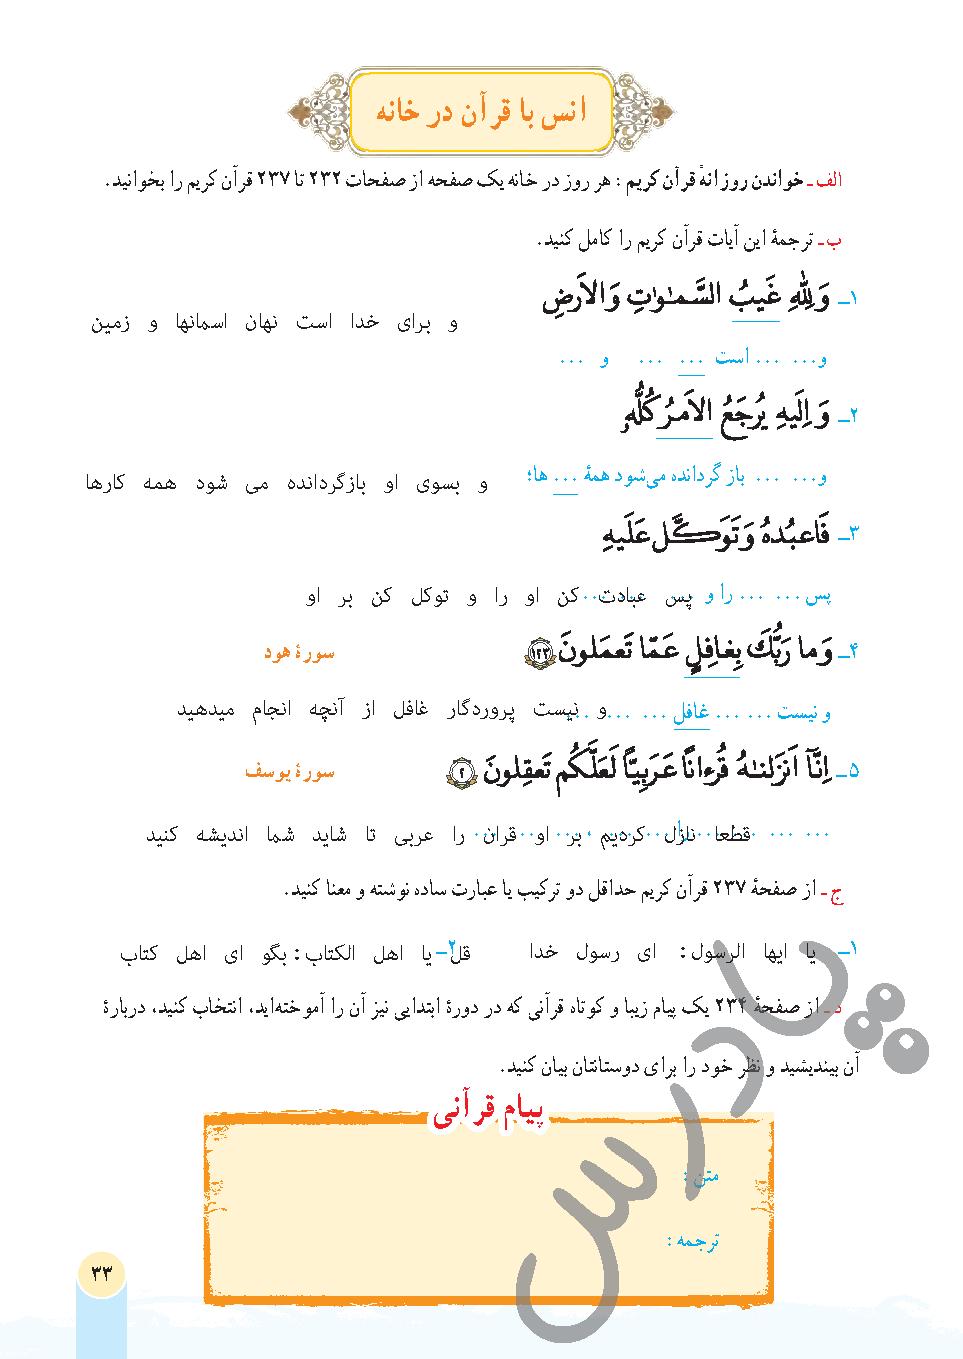 جواب انس با قرآن درس 3 قرآن هفتم -جلسه اول